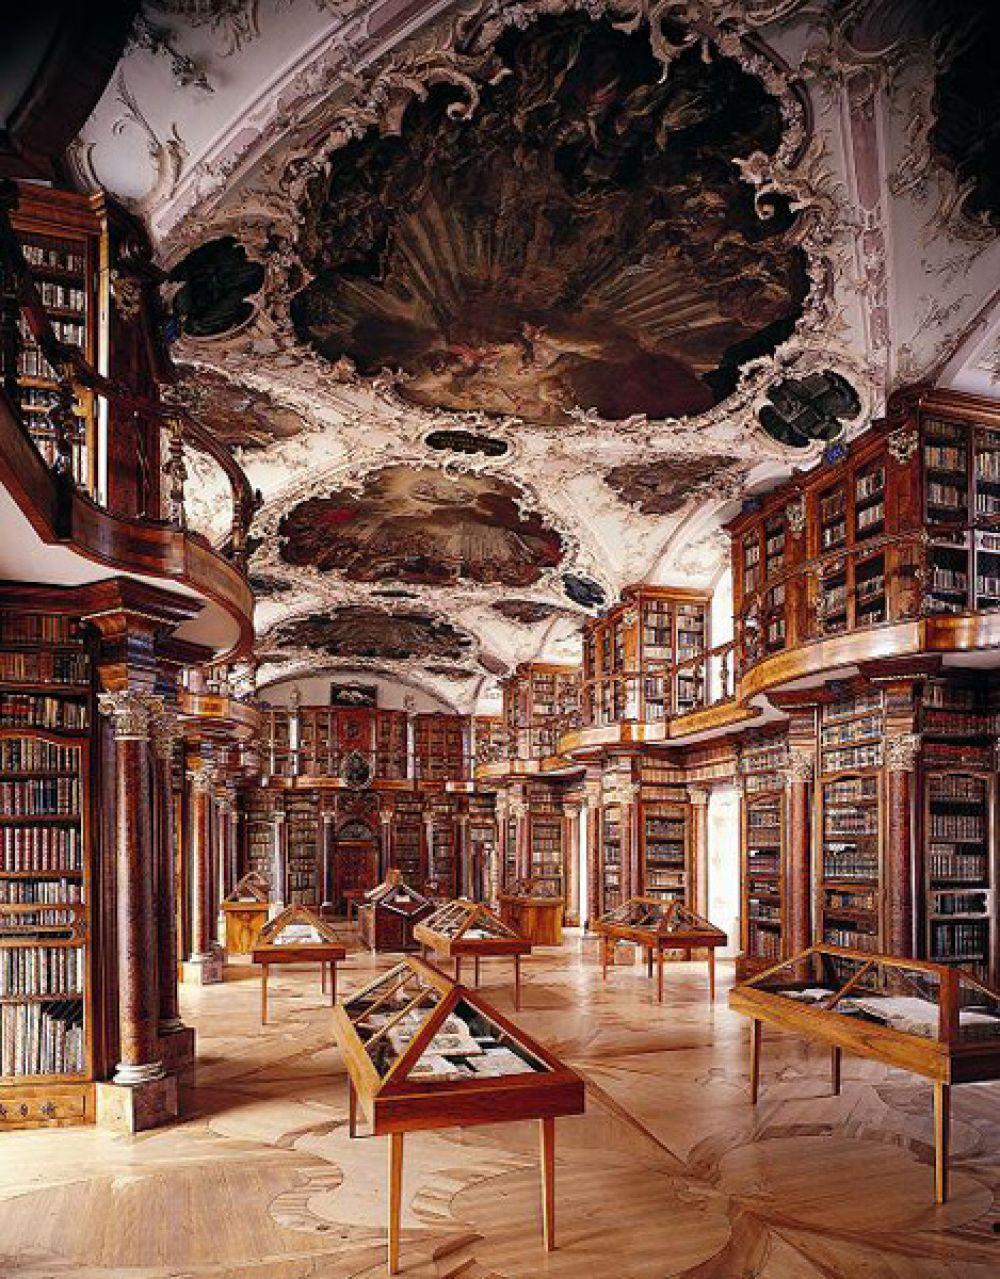 Библиотека монастыря Святого Галла, Швейцария. Книгохранилище было основано в начале VIII века первым аббатом этой обители святым Отмаром. Библиотека Санкт-Галленского монастыря является одним из самых значительных собраний старинных книг и манускриптов в Европе. В ней содержатся 2100 рукописей VIII-XV веков, в фондах библиотеки находятся около 160 тысяч книг. В 1983 году библиотека вместе с монастырем была внесена в список Всемирного наследия ЮНЕСКО.